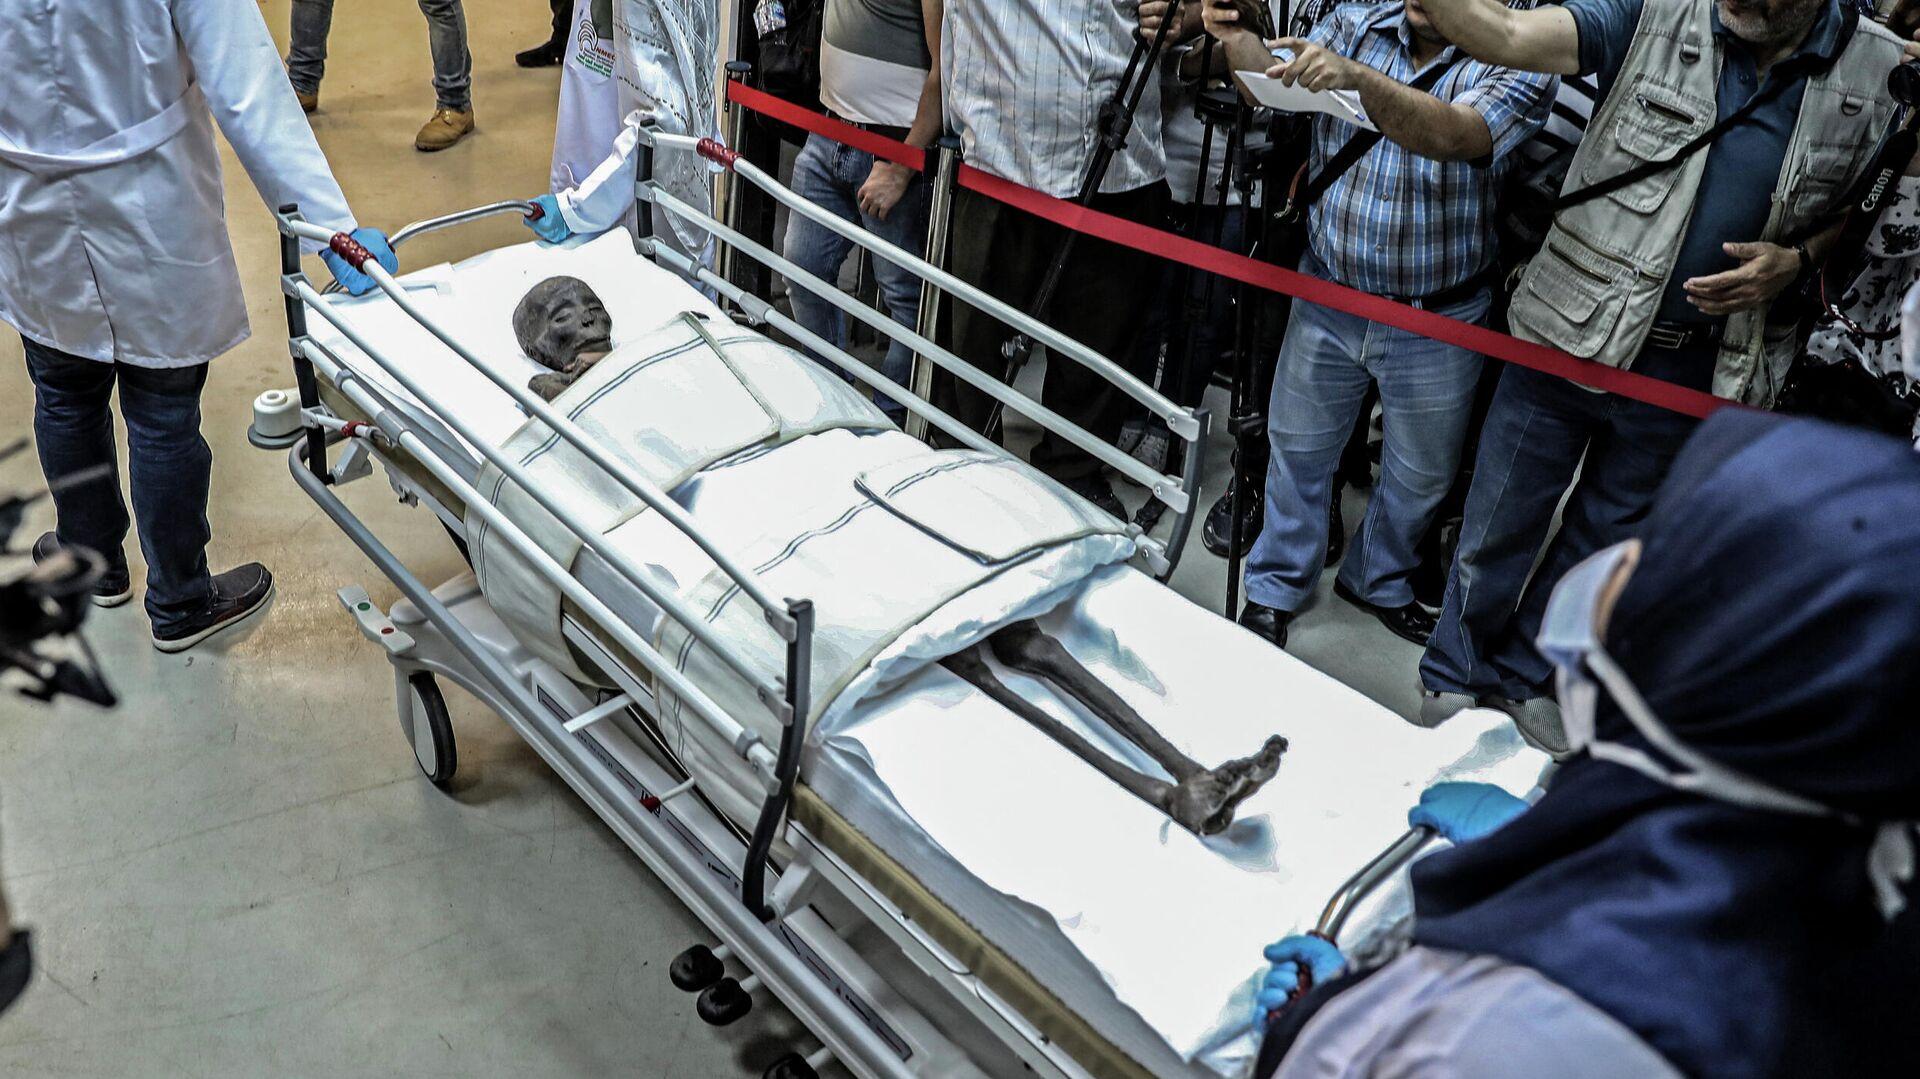 Древнеегипетская мумия Сеннеджема после извлечения из гроба для окуривания в Национальном музее Египта - РИА Новости, 1920, 31.03.2021